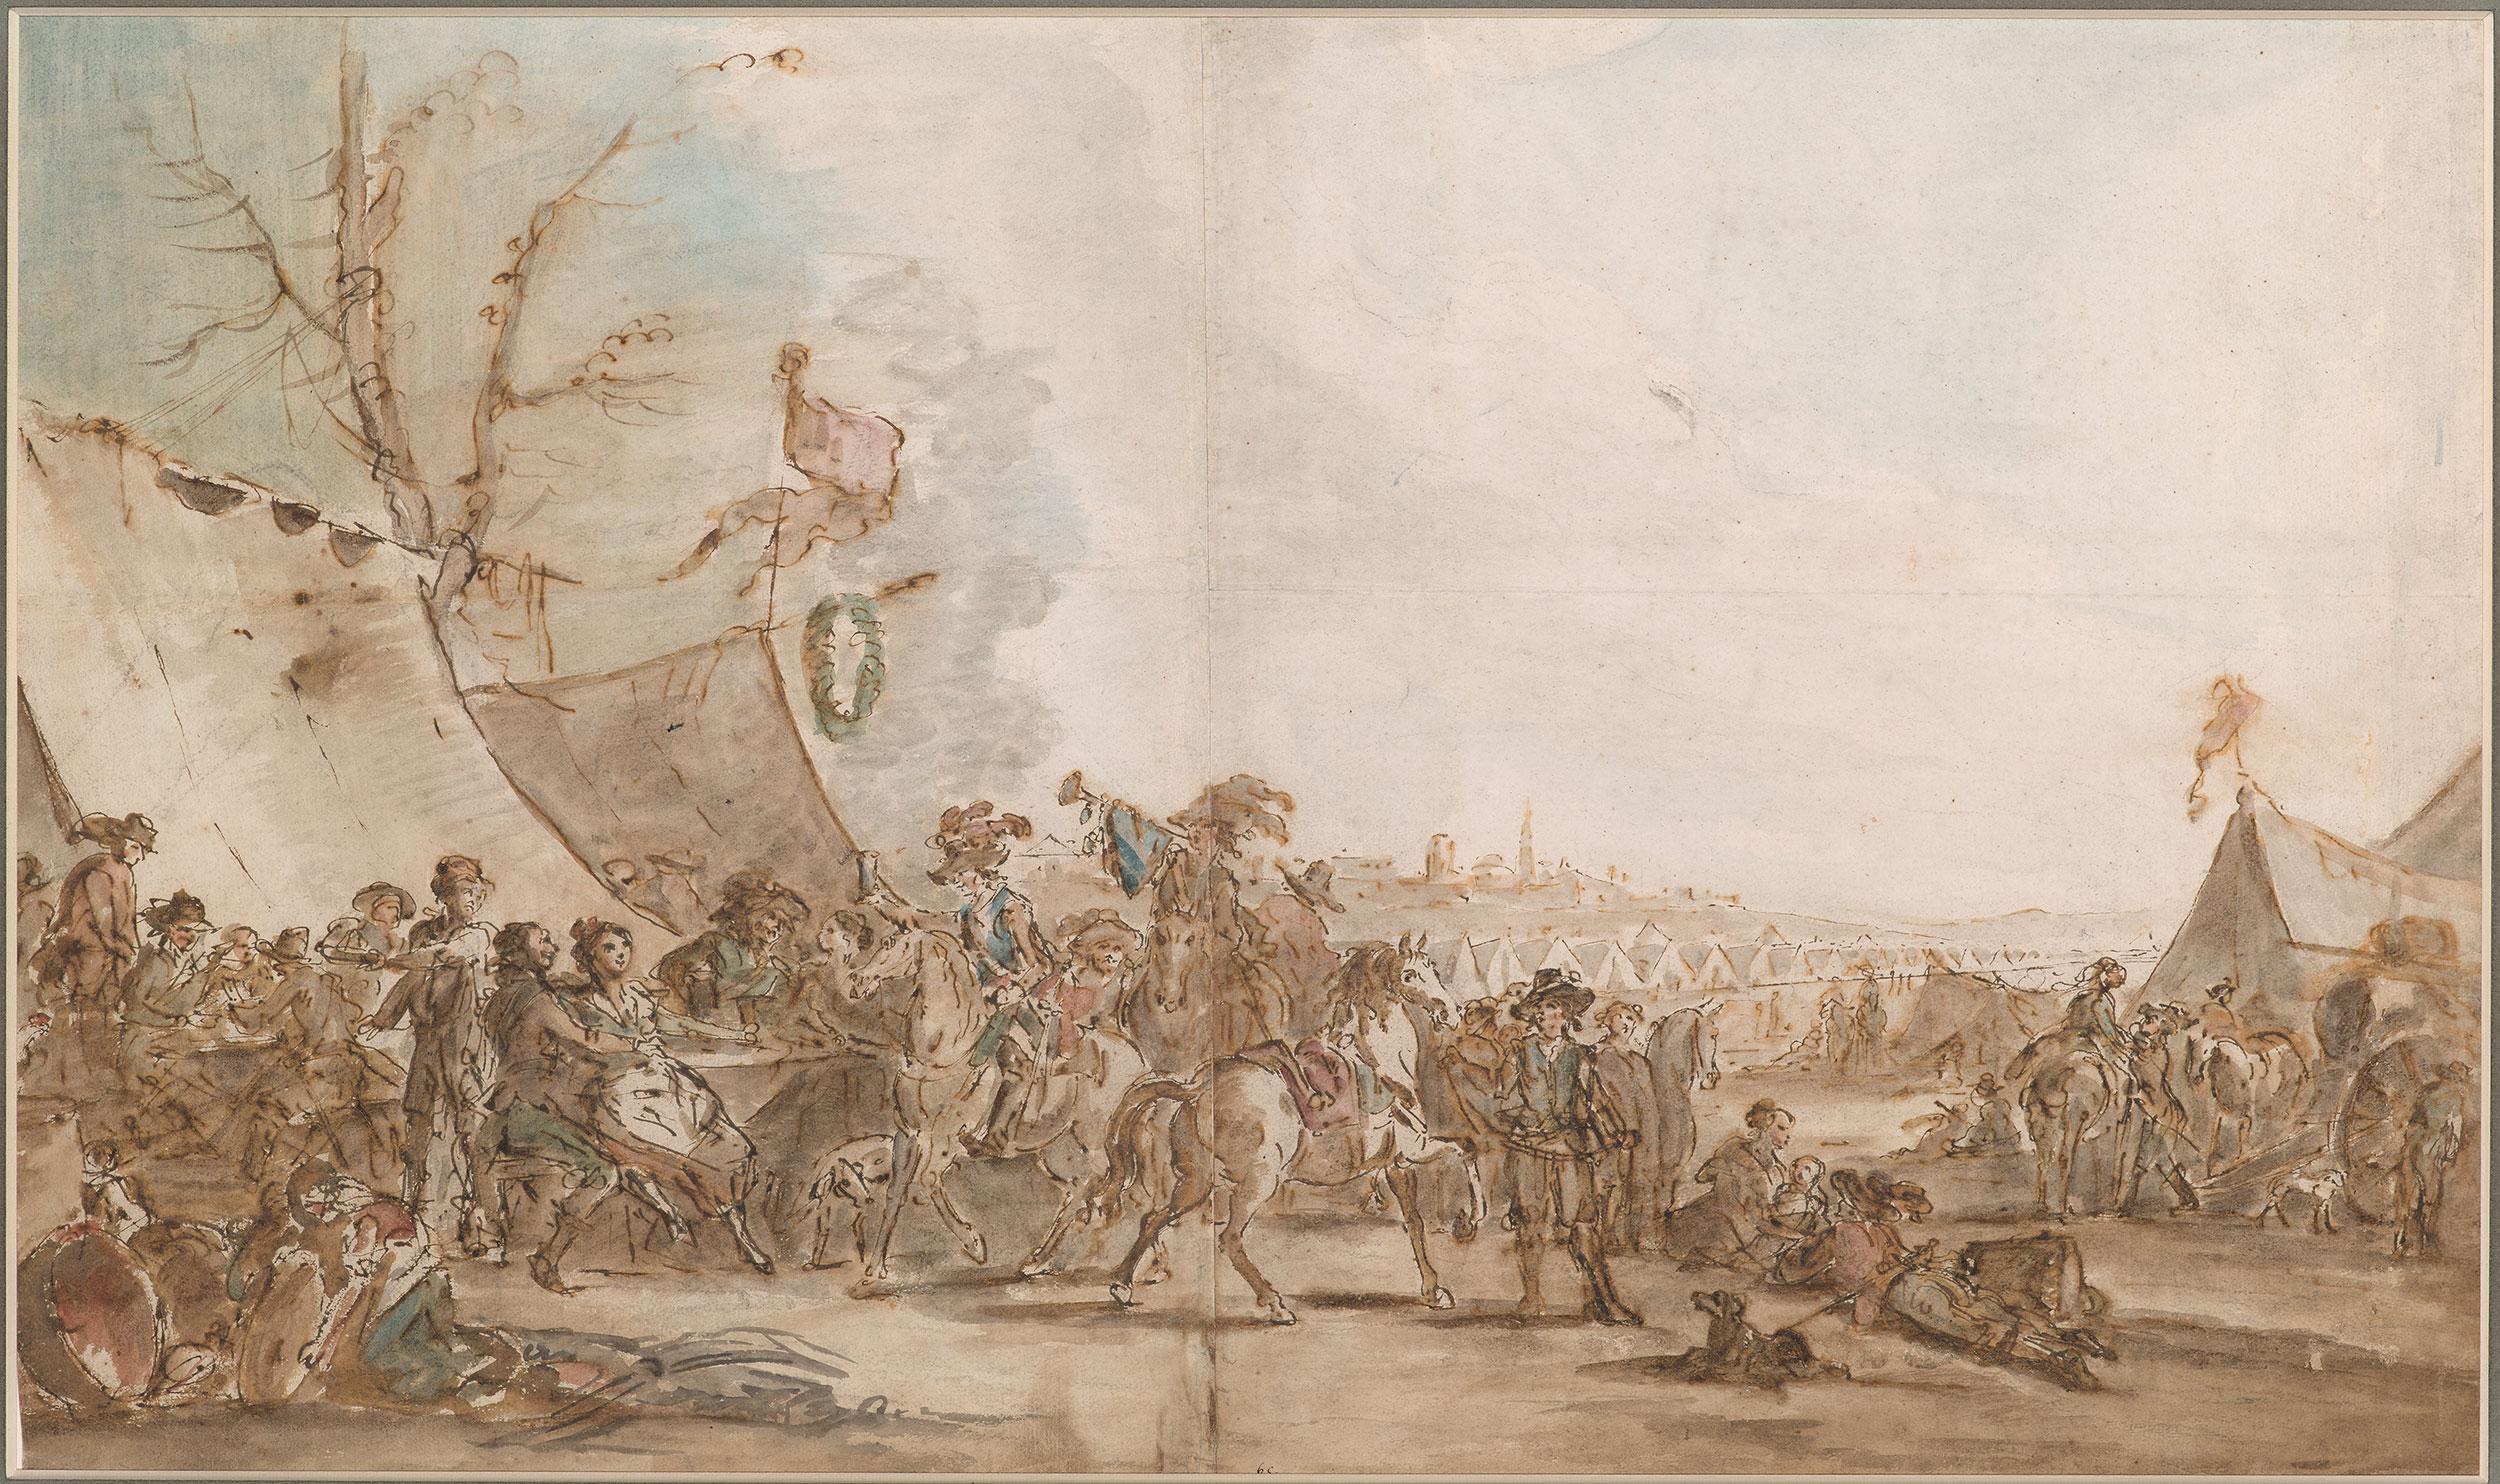 La vie interne au corps dans les armées de Louis XV 301395v_0001